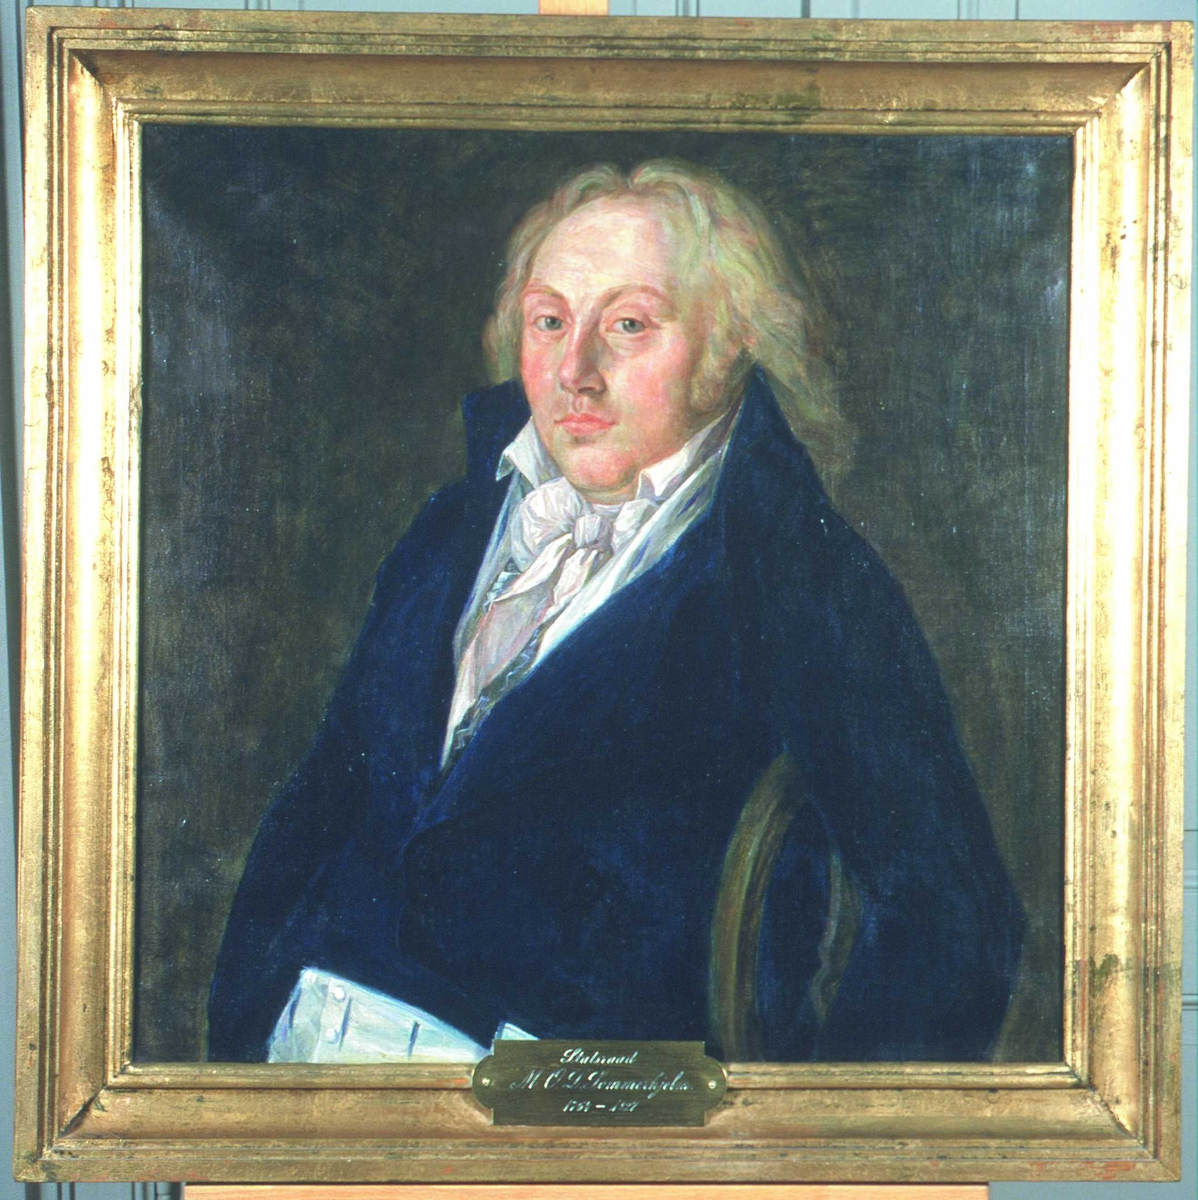 Portrett av Sommerhielm. Han sitter, tilbakelent, med venstre arm over stolryggen. Langt, lyst hår, mørk kjol (jakke), hvit vest, skjorte og halstørkle.